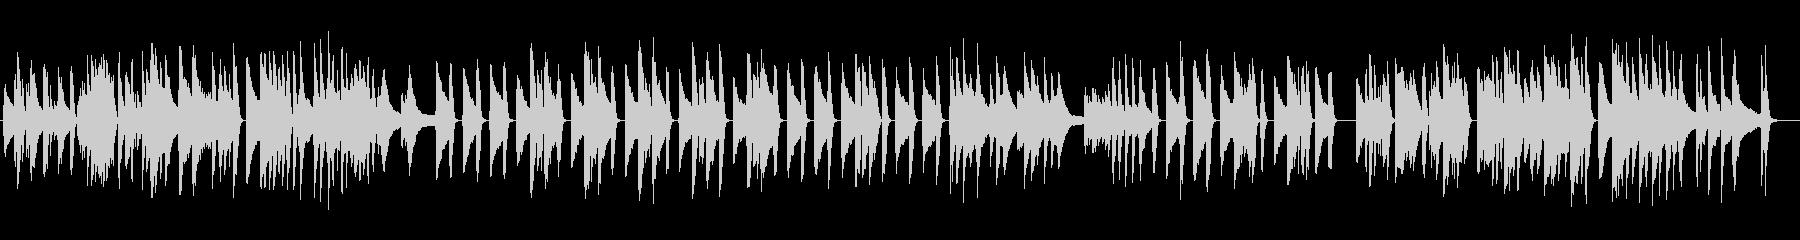 ジャズピアノソロ、動物の動画でほのぼのの未再生の波形